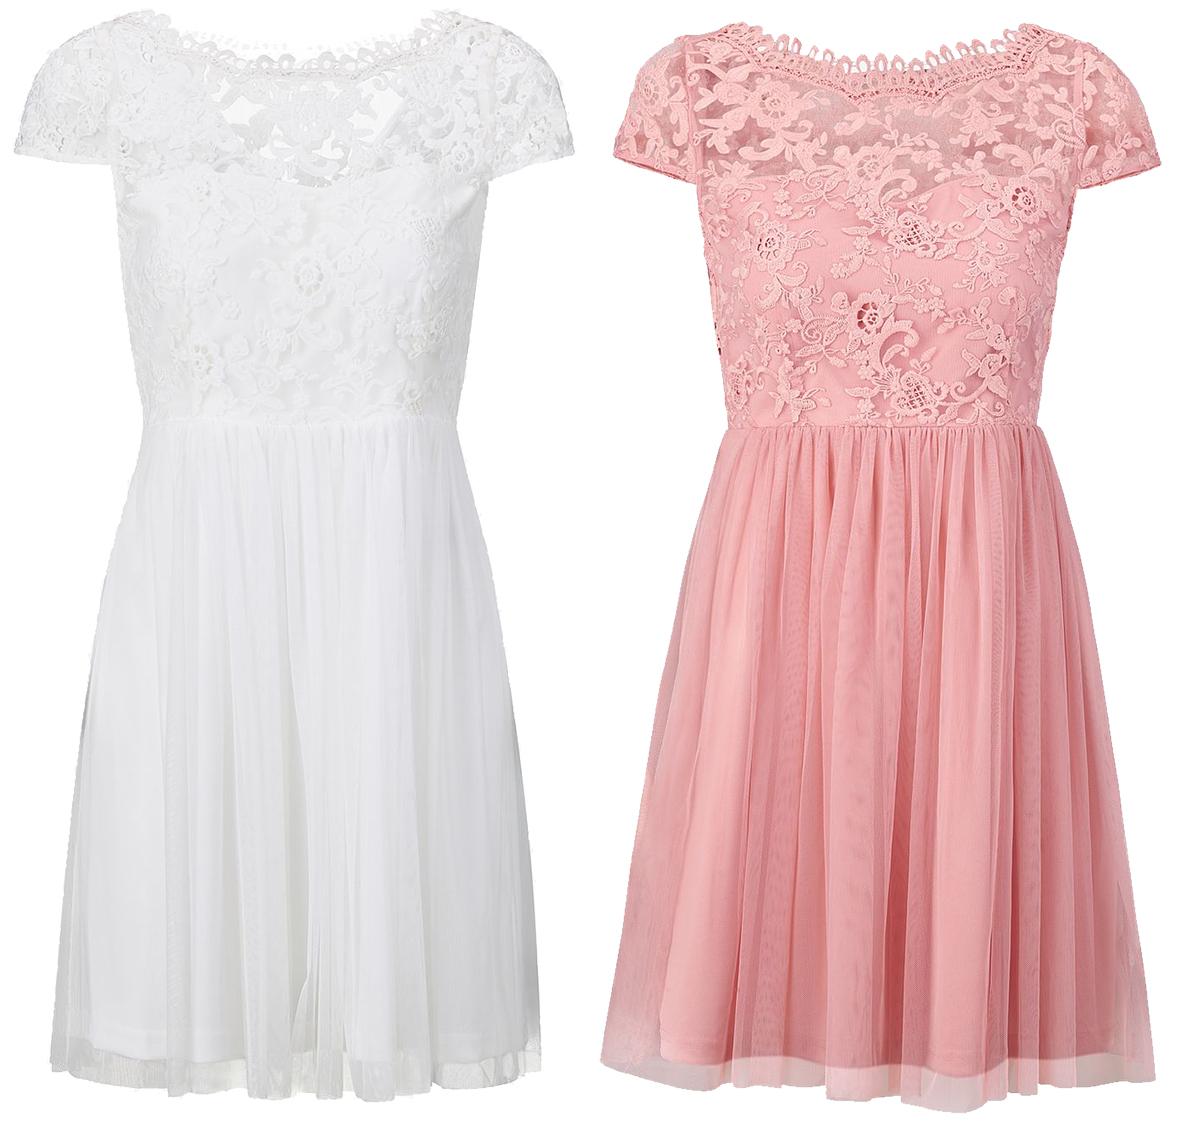 kort klänning fest